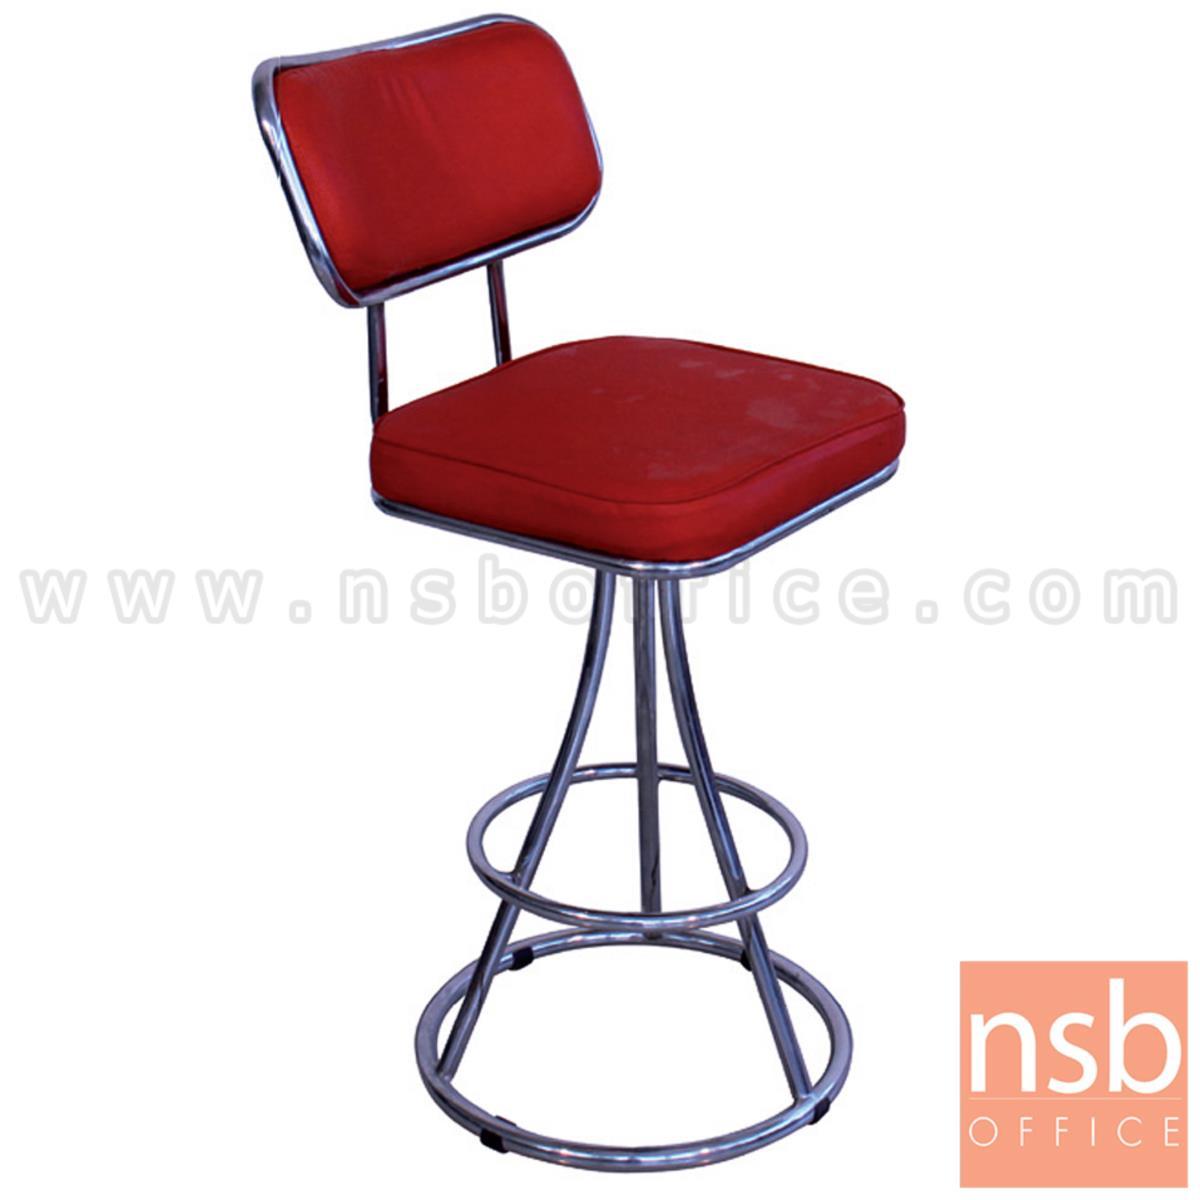 B09A219:เก้าอี้บาร์ที่นั่งเหลี่ยมมีพิง ขาทรงพีระมิด  รุ่น Whiston (วิสตัน)  ขนาด 76H cm. โครง-ขาเหล็ก